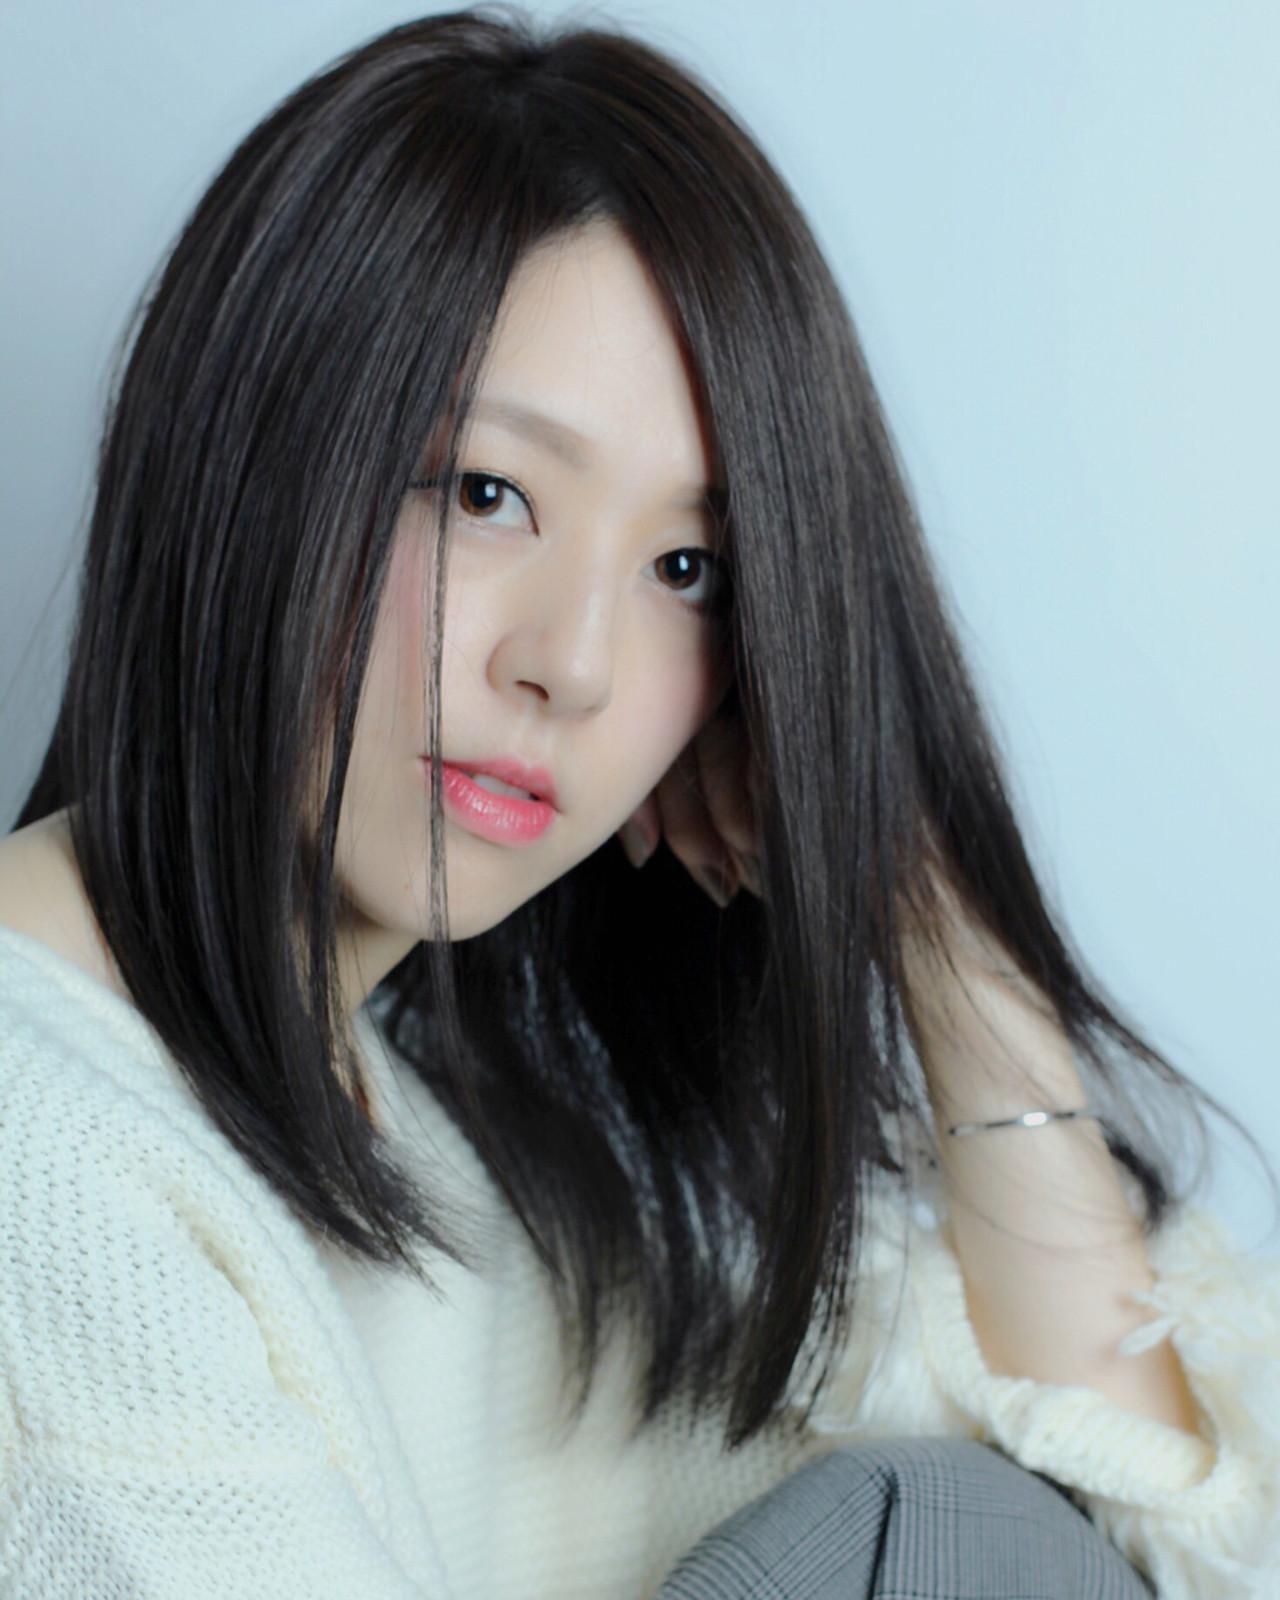 韓国発の可愛い髪型 目指せ!オルチャンヘア